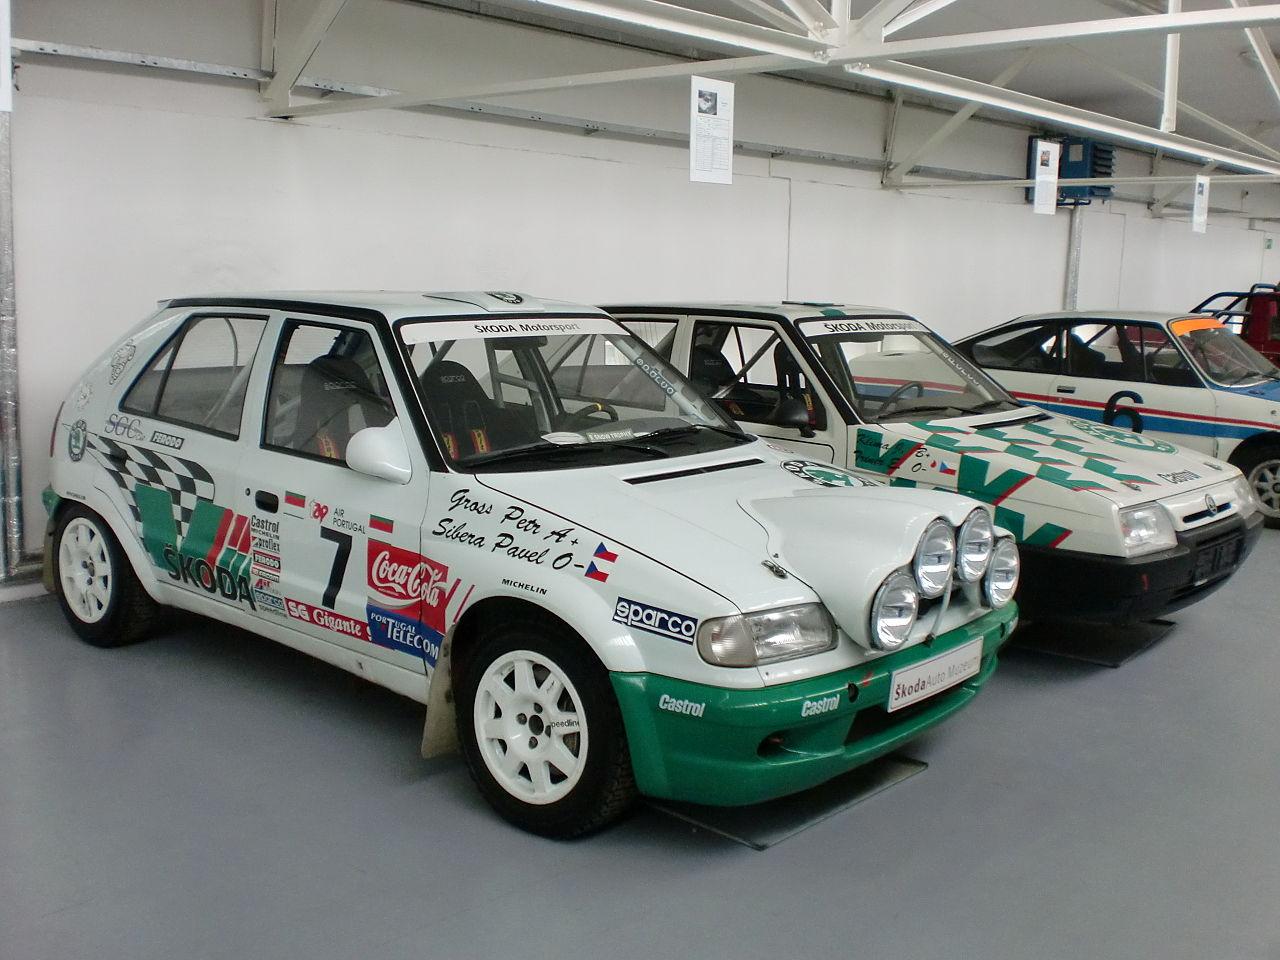 Znalezione obrazy dla zapytania skoda felicia kit car